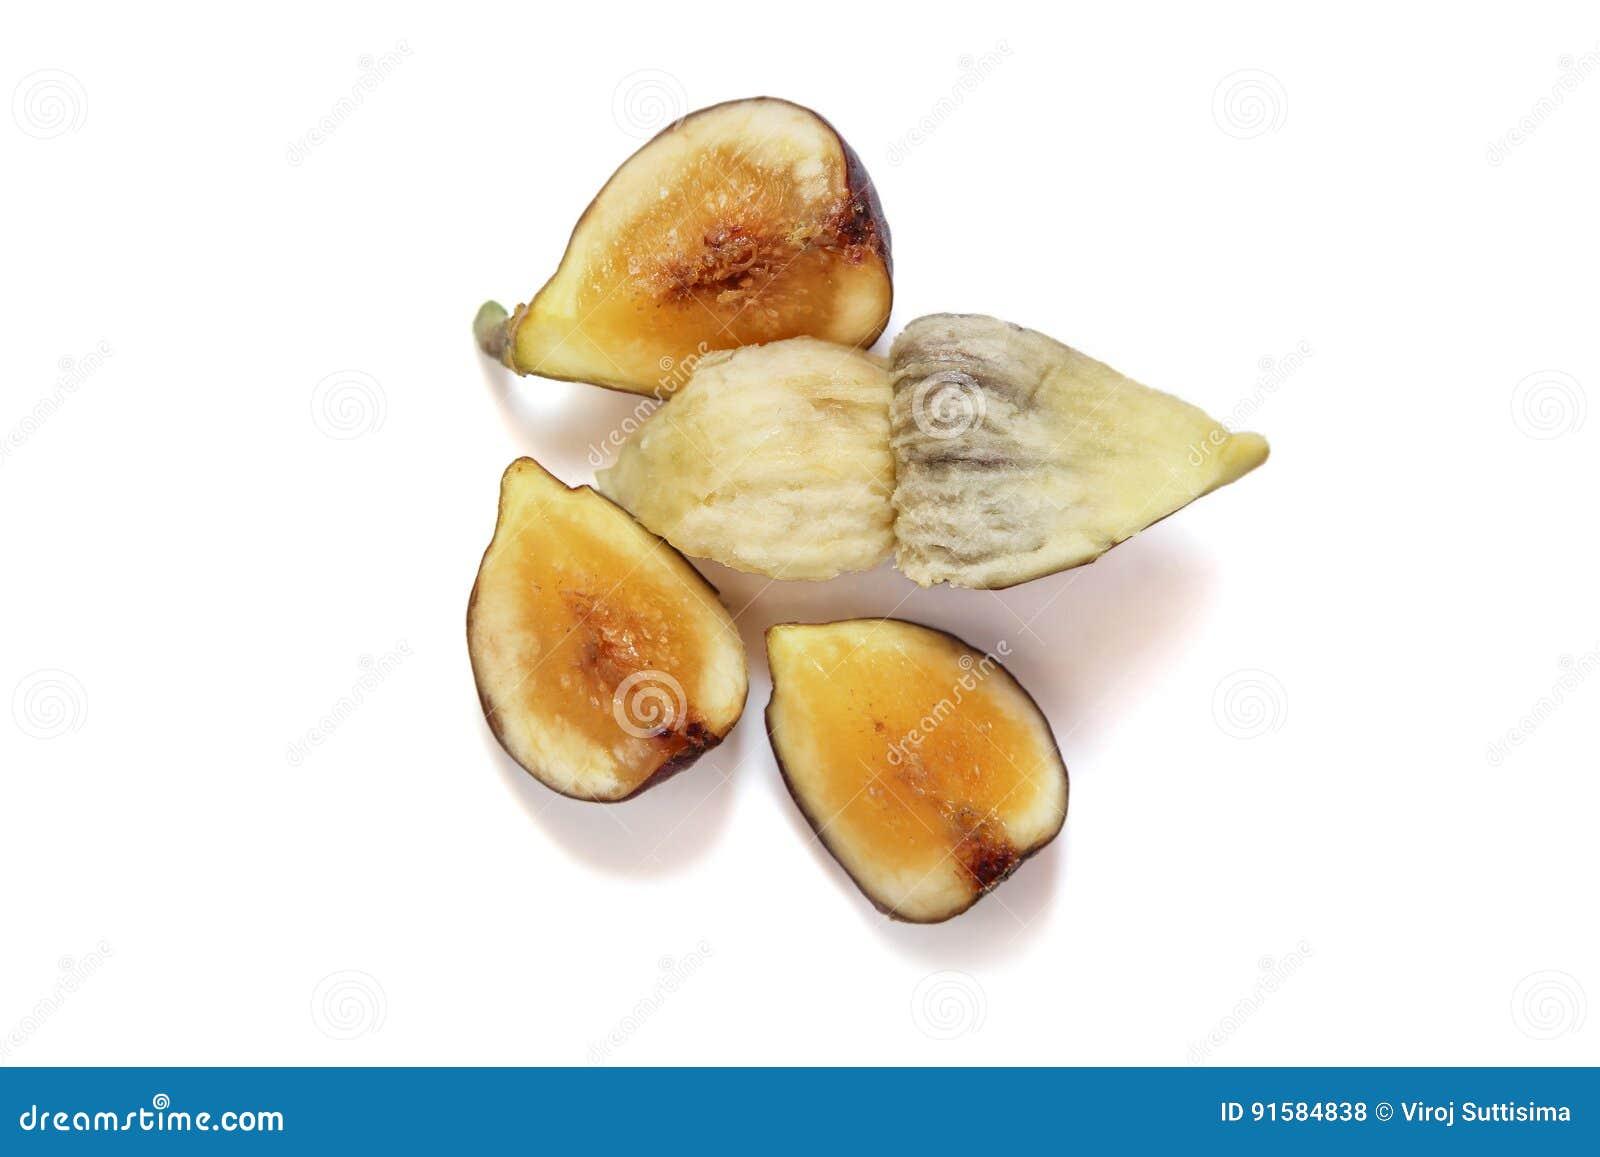 Taglio di frutti del fico da parte a parte per mostrare la carne ed i semi su fondo bianco